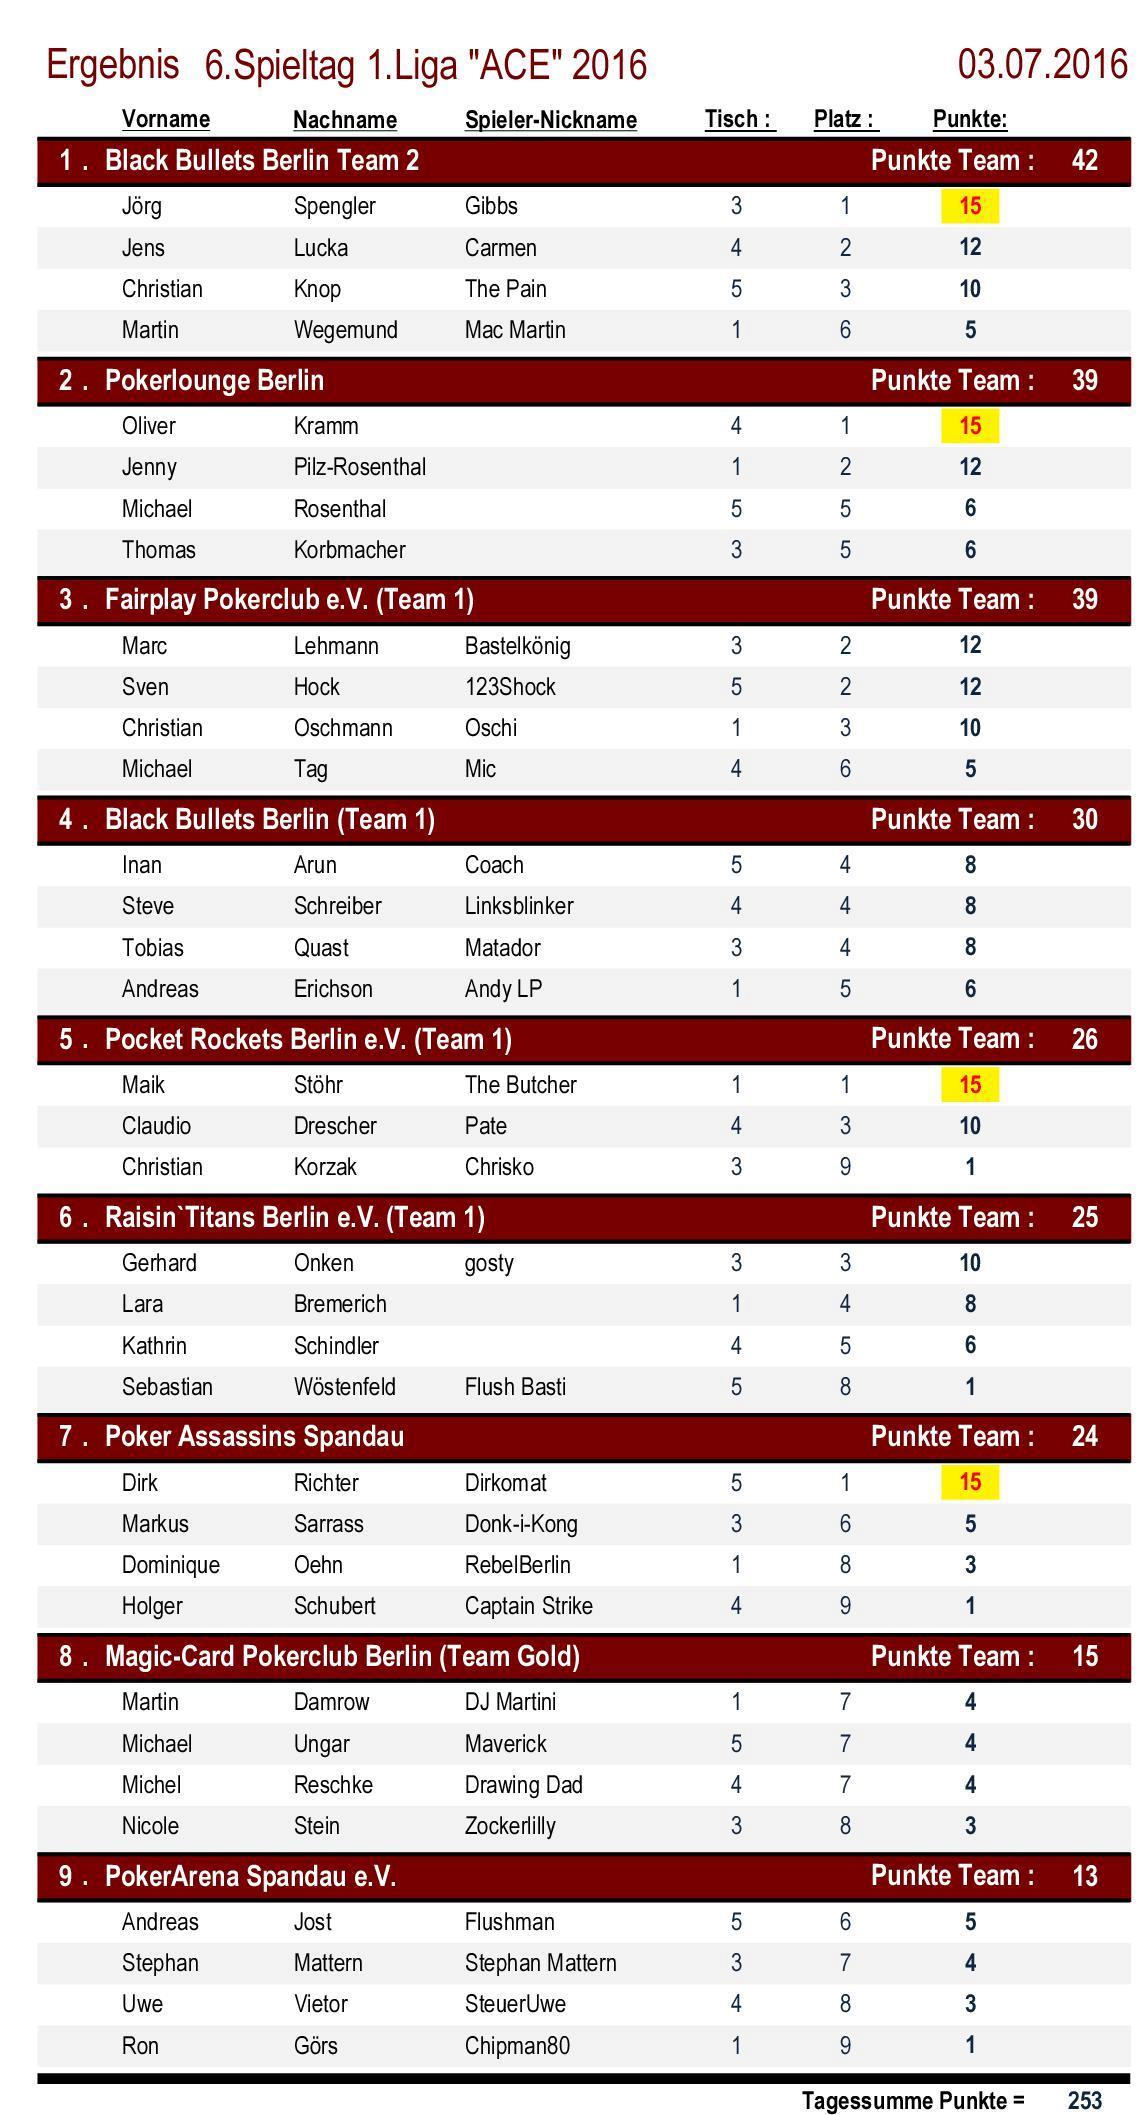 Ergebnisse 1.Liga `ACE` 6. Spieltag 2016